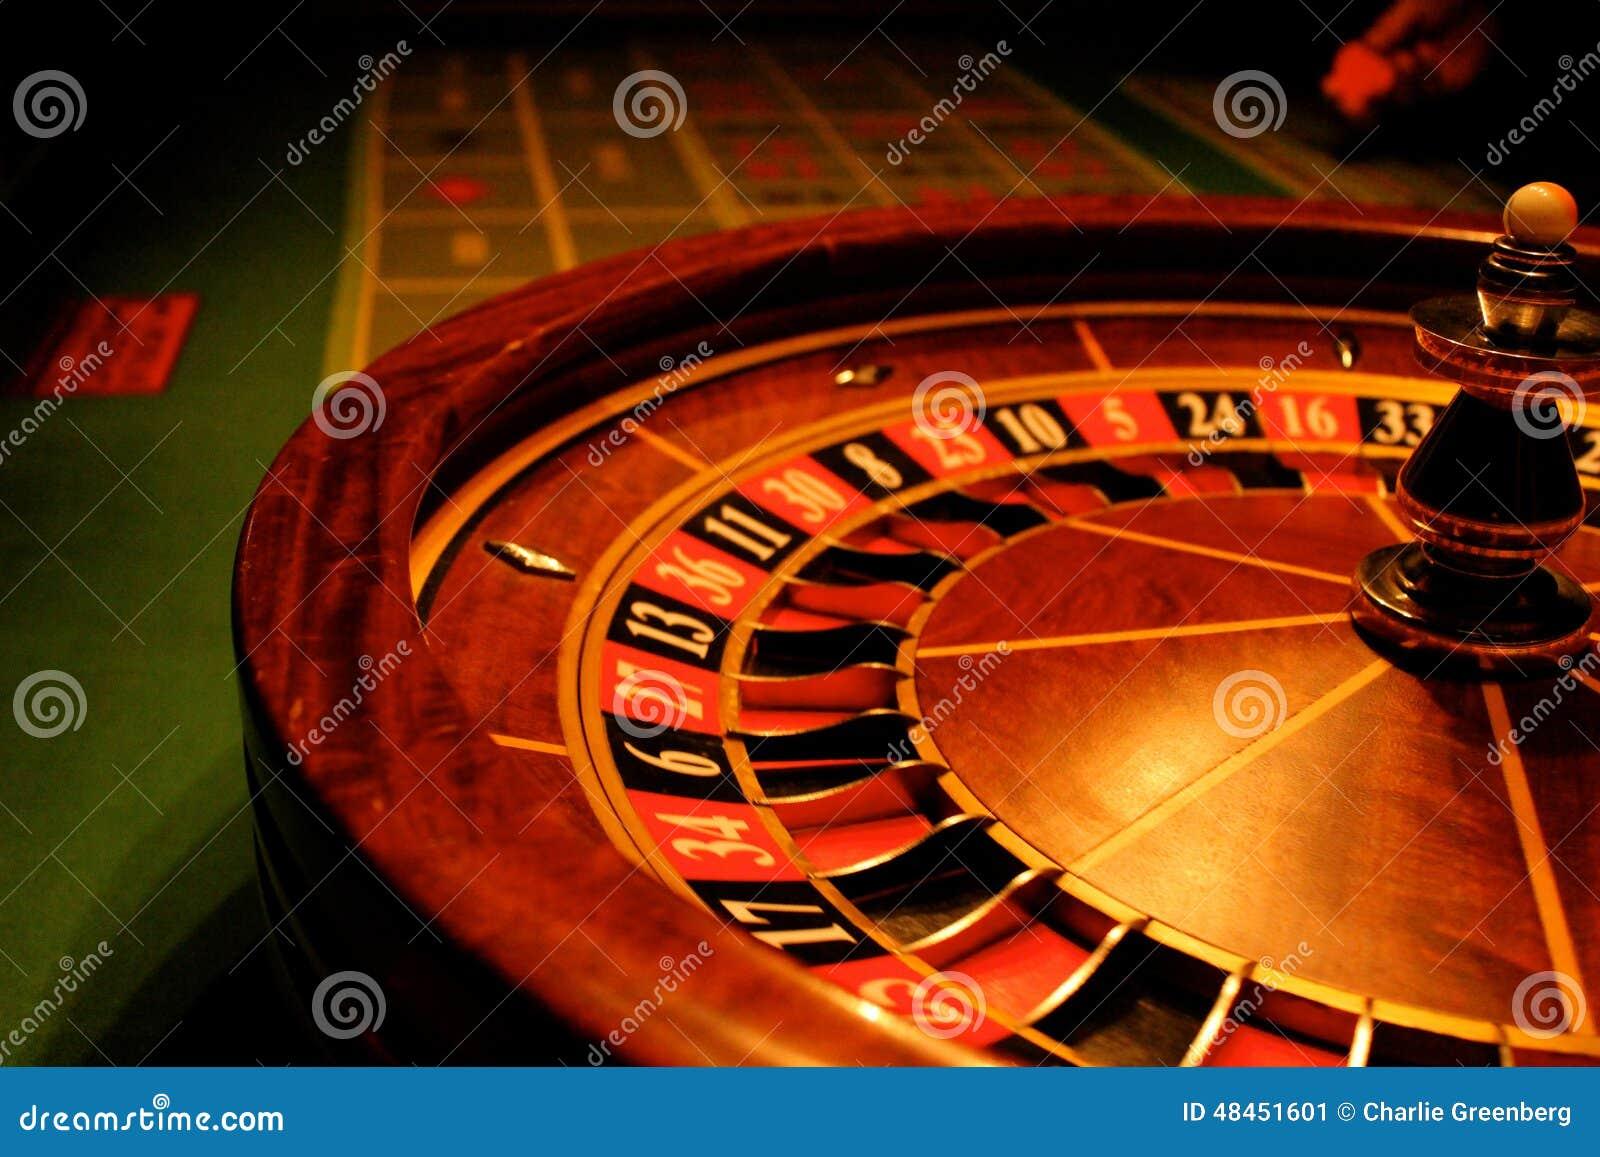 Roulette online 686230